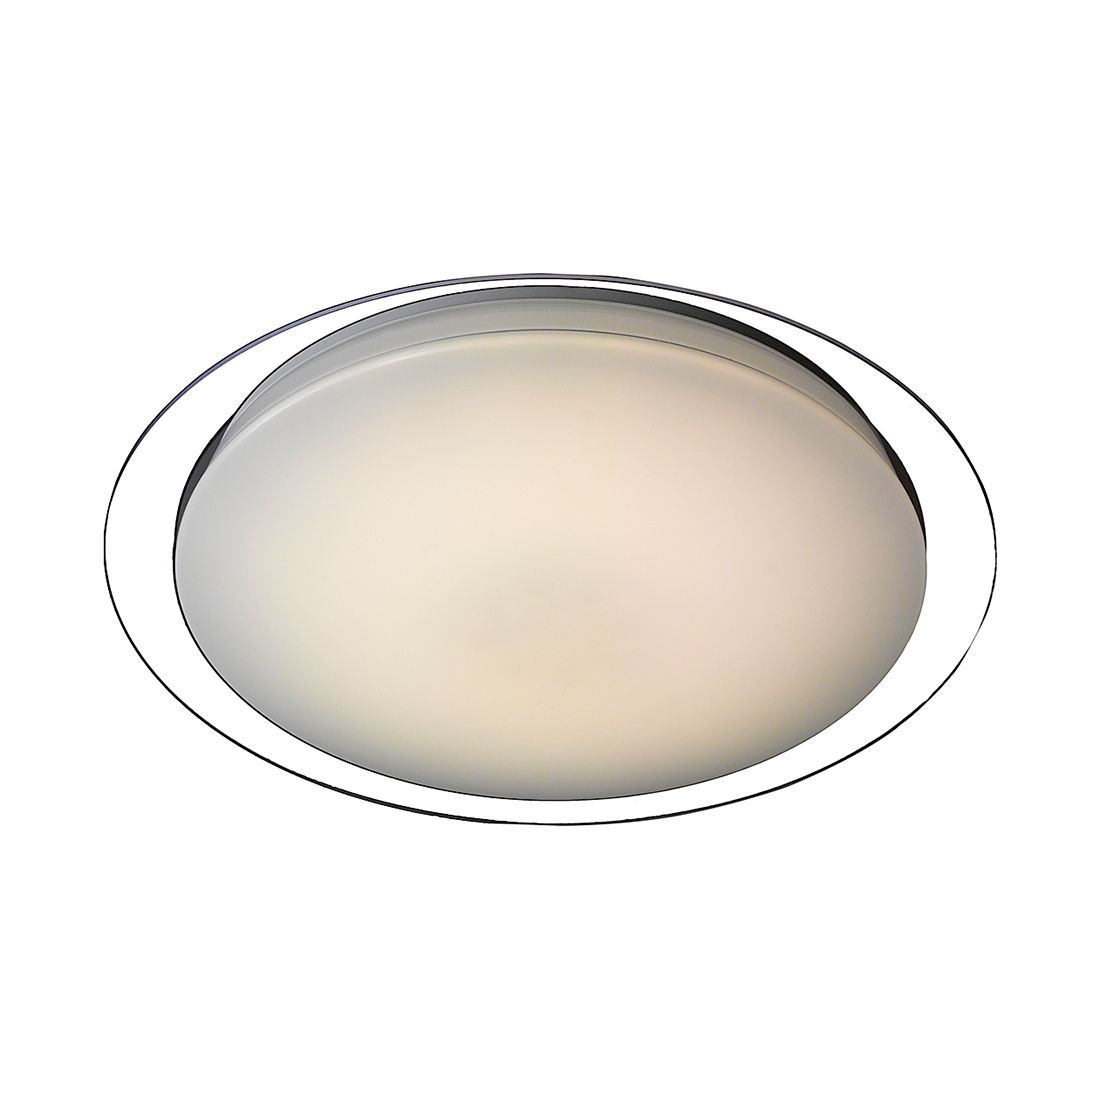 EEK A+, Deckenleuchte JADEN – Metall/Glas – 1-flammig, Wofi online kaufen